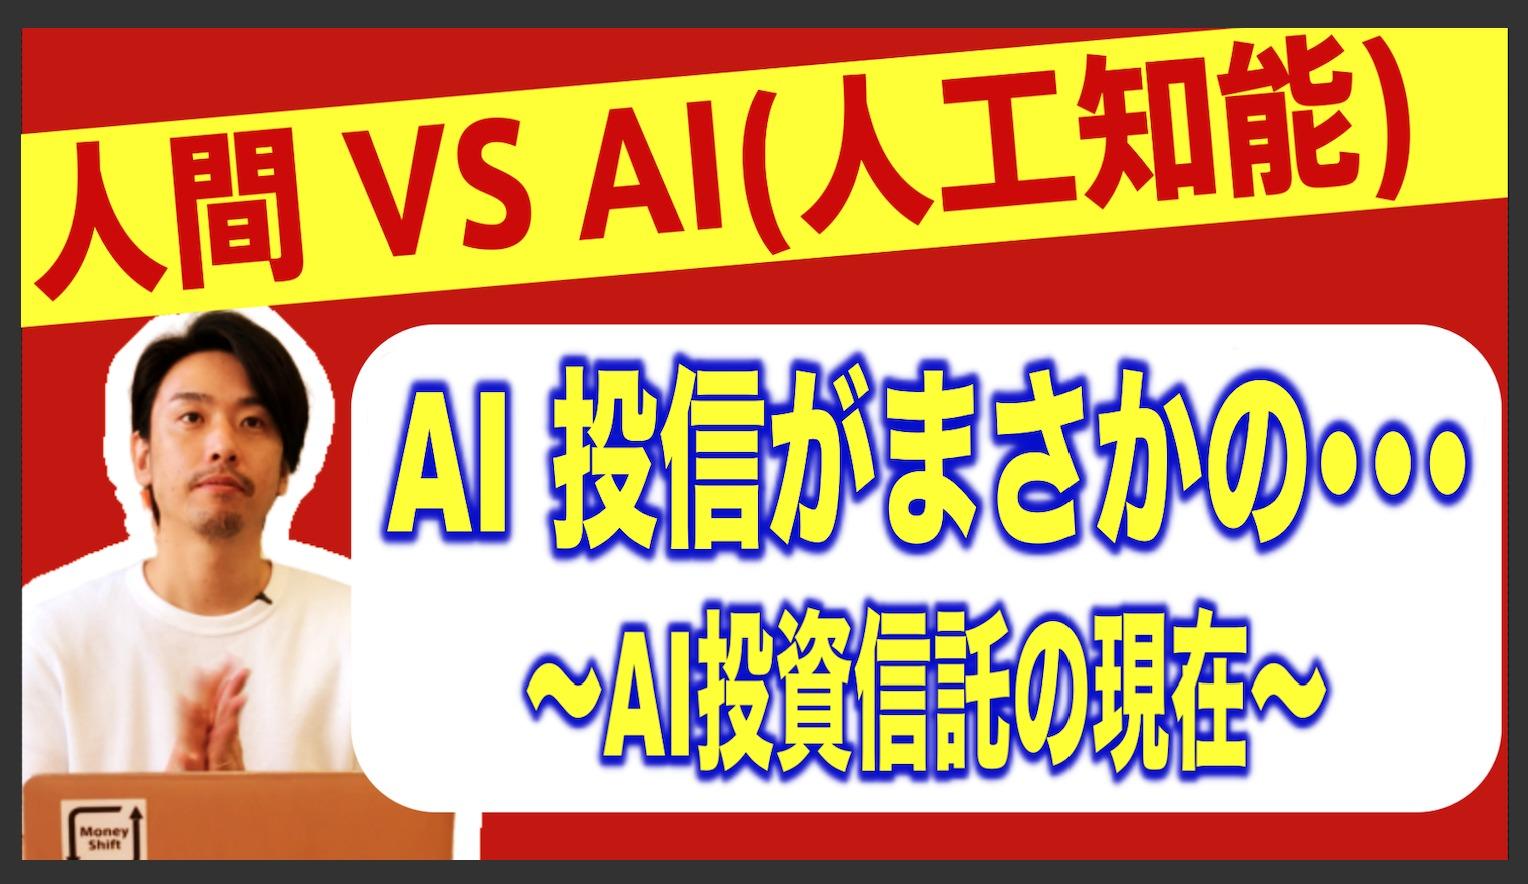 【投資信託】AIやビッグデータを活用した投信の残念な現在